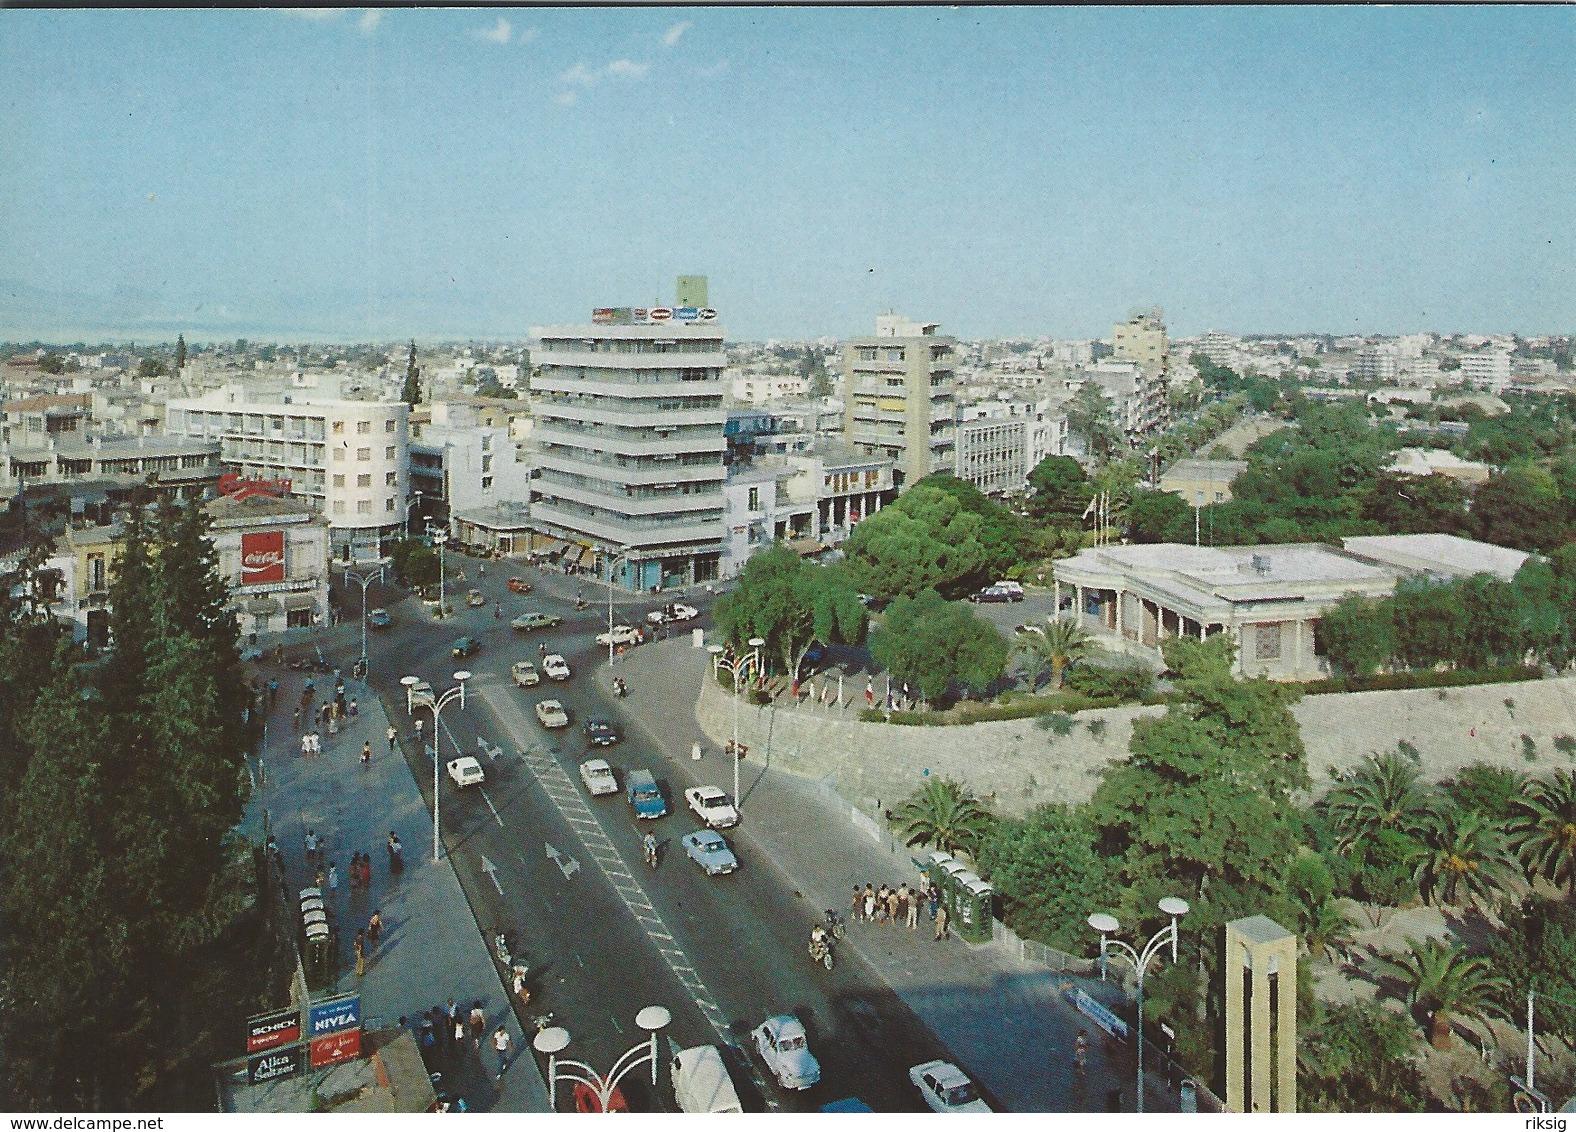 Cyprus - Nicosia - Eleftherias Square  # 07888 - Cyprus